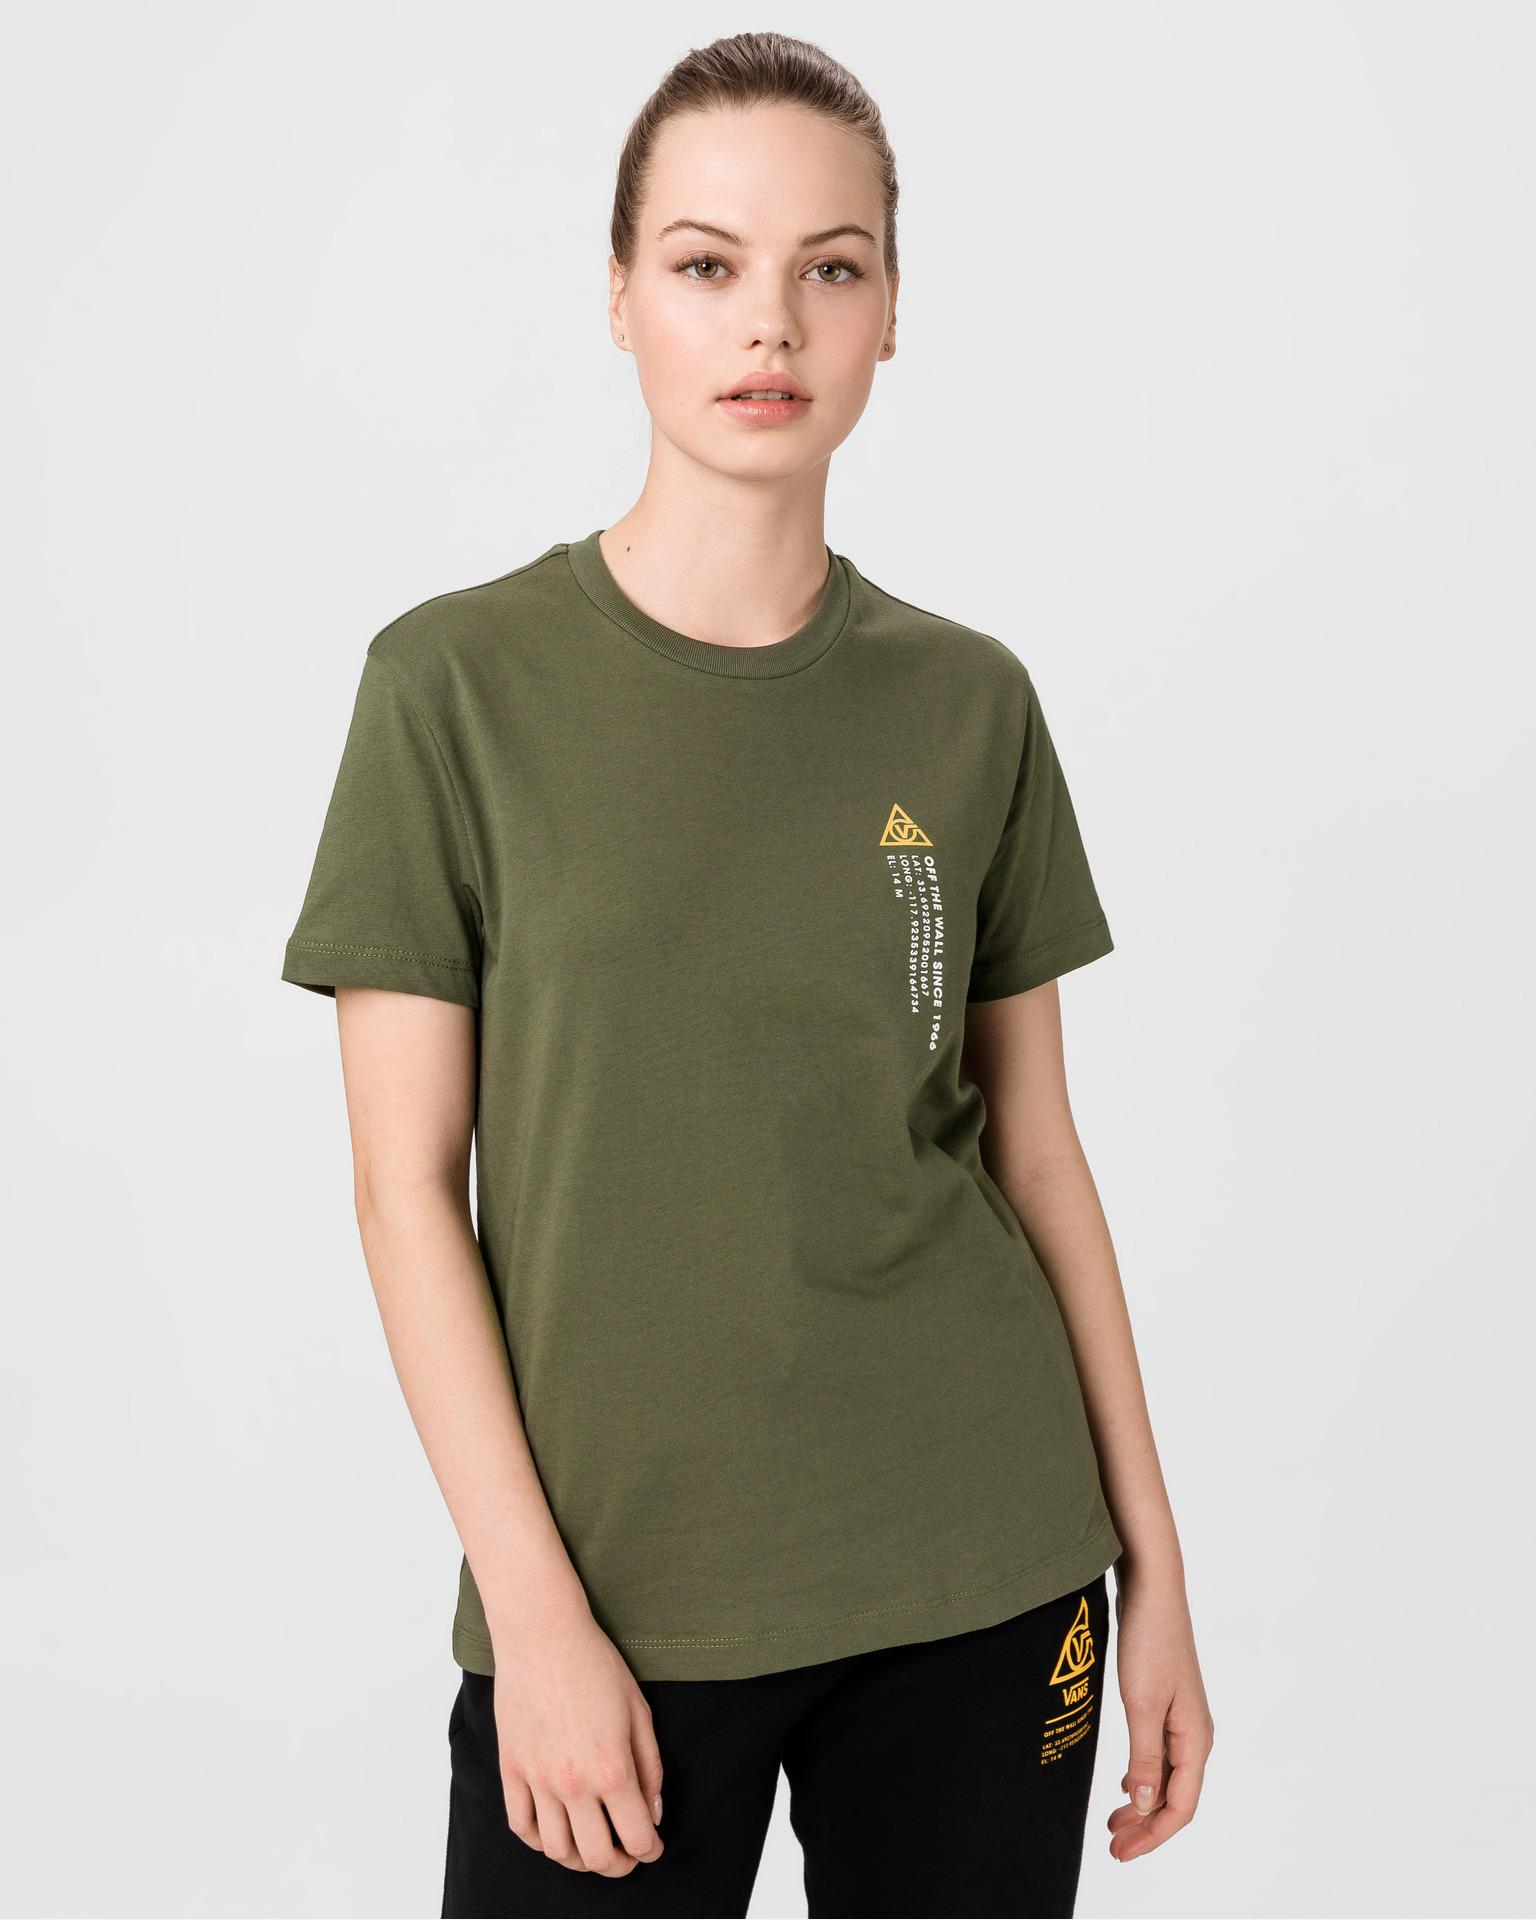 Vans zelena majica 66 Supply Tri